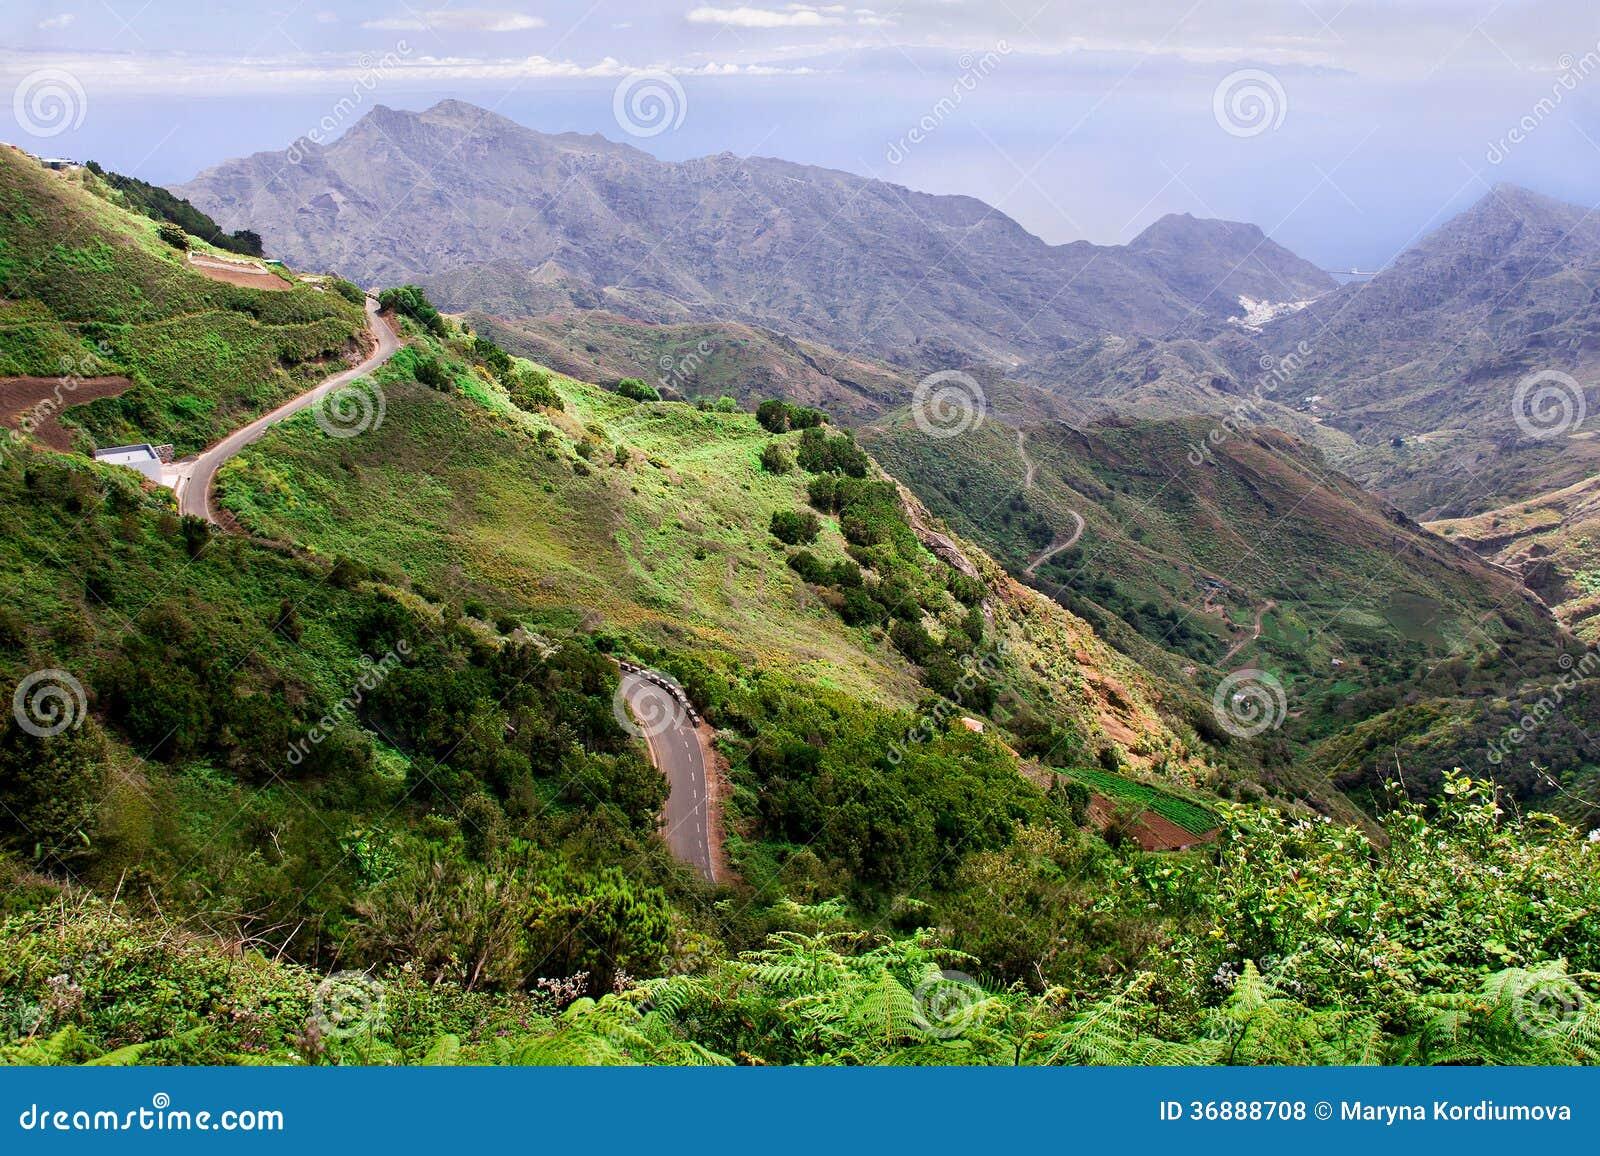 Download Paesaggio Delle Strade Nelle Montagne Fotografia Stock - Immagine di terra, collina: 36888708